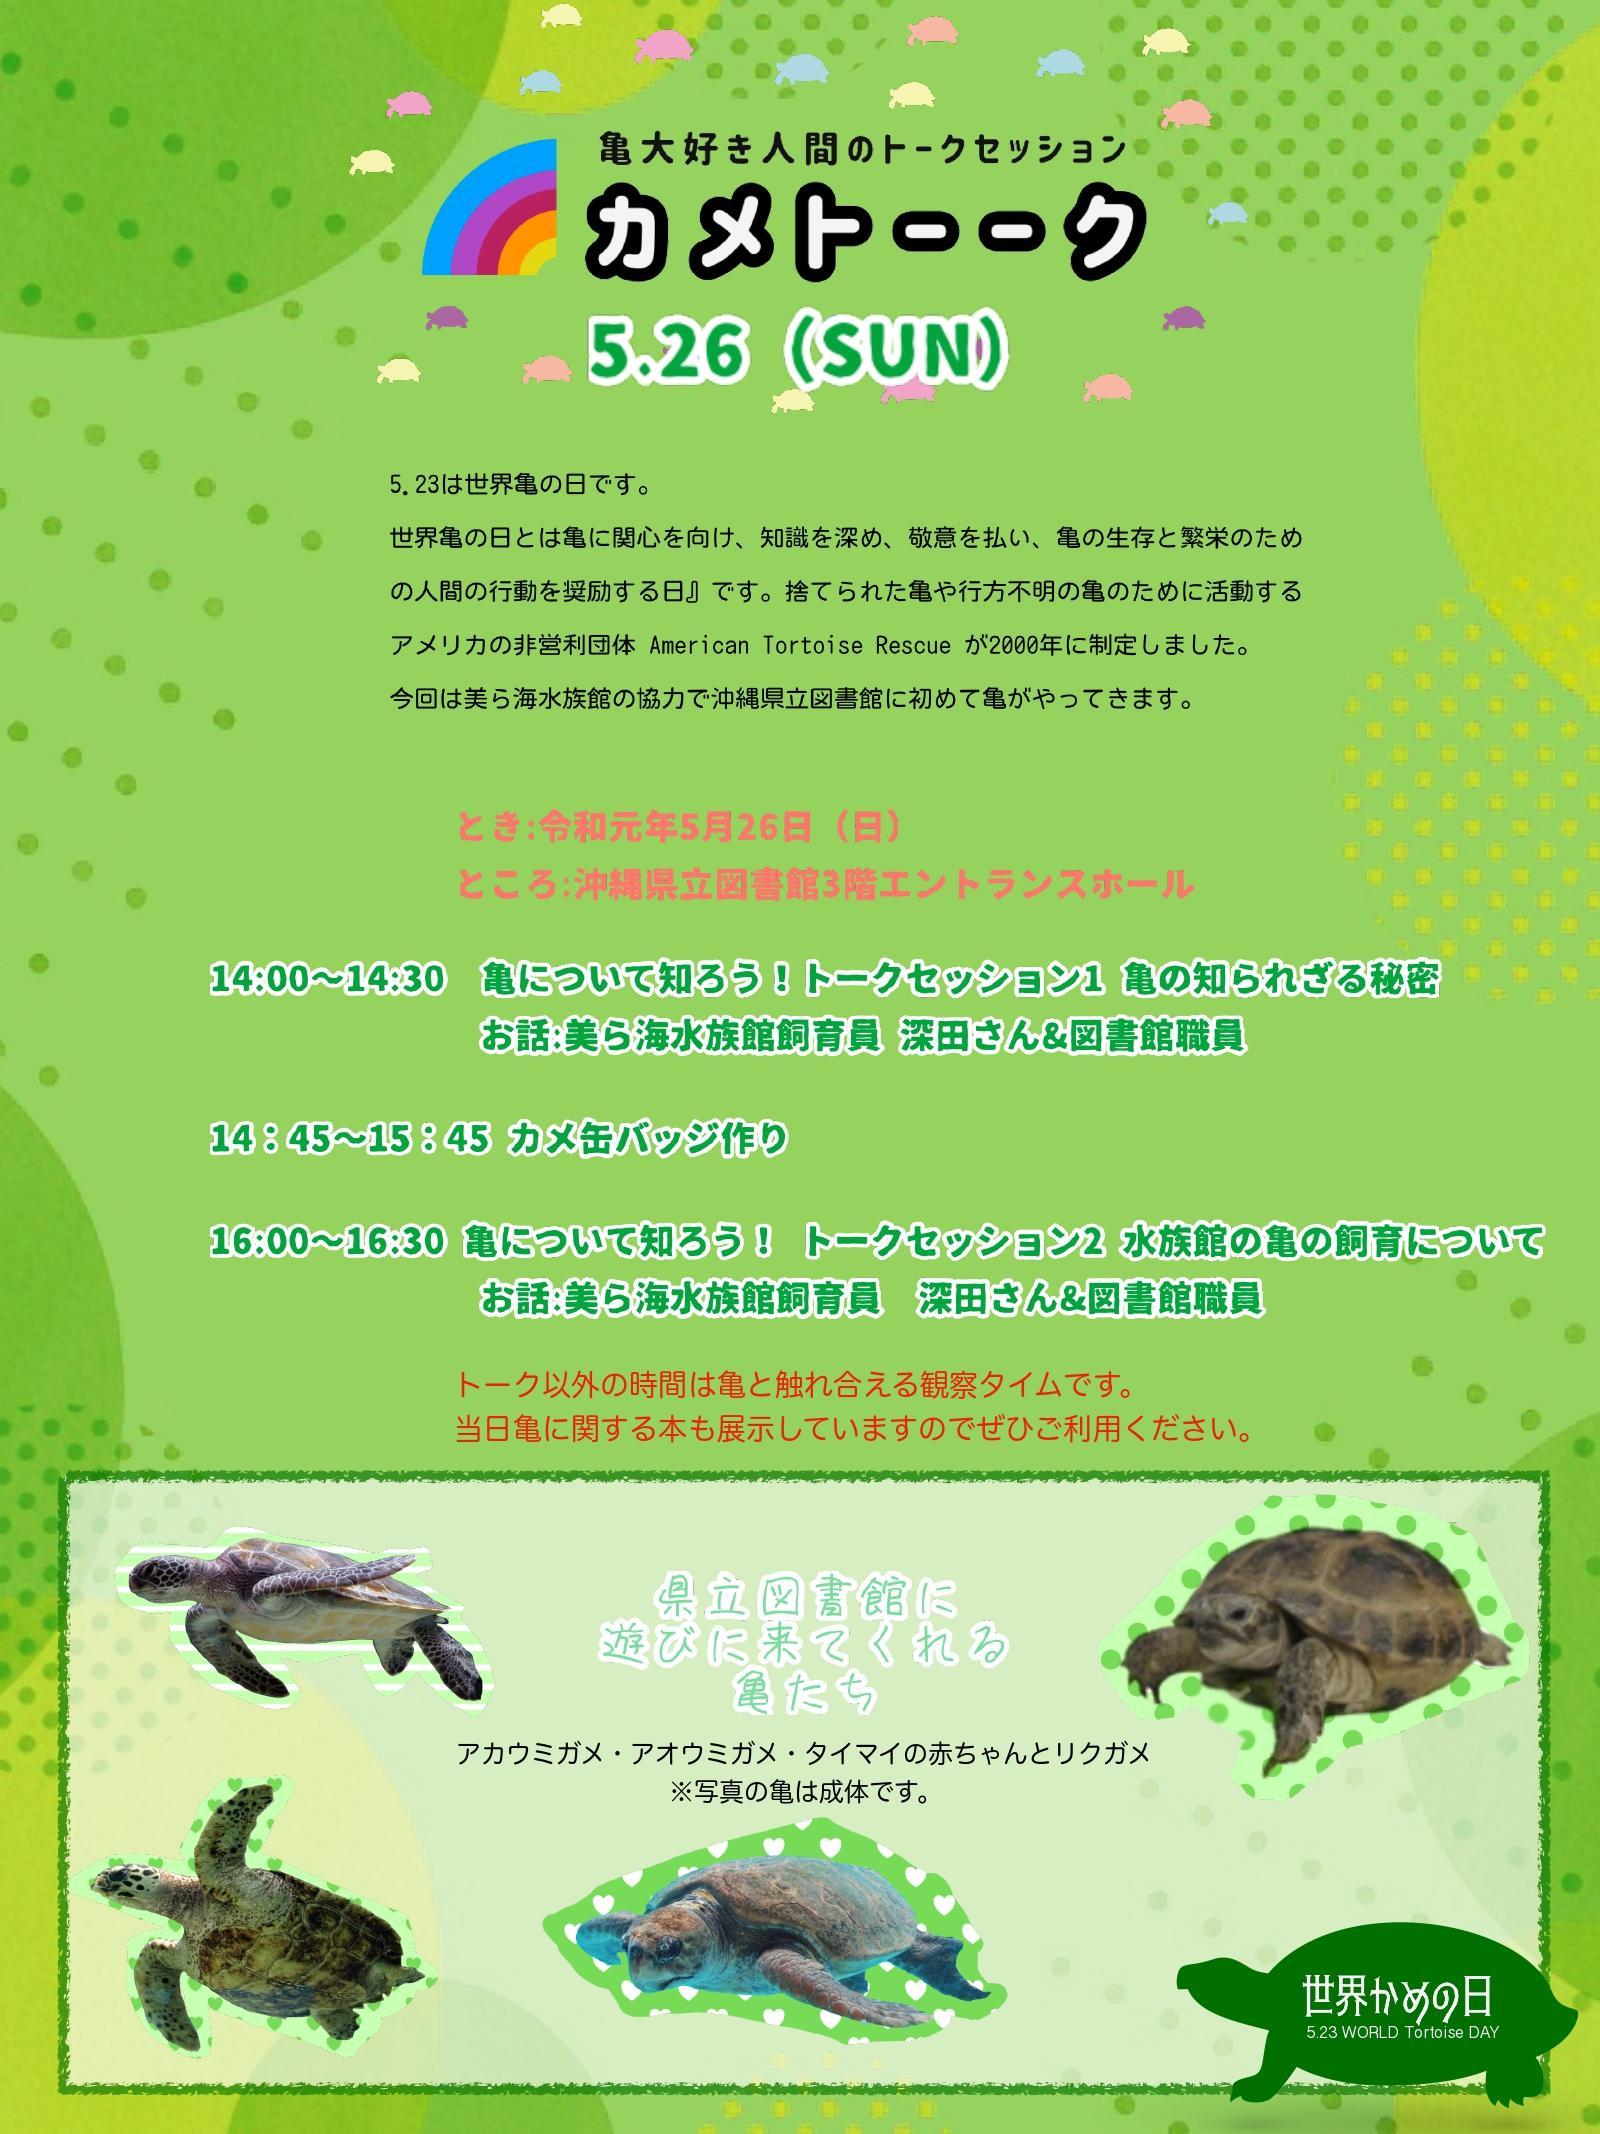 カメトーク 亀大好き人間のトークセッション